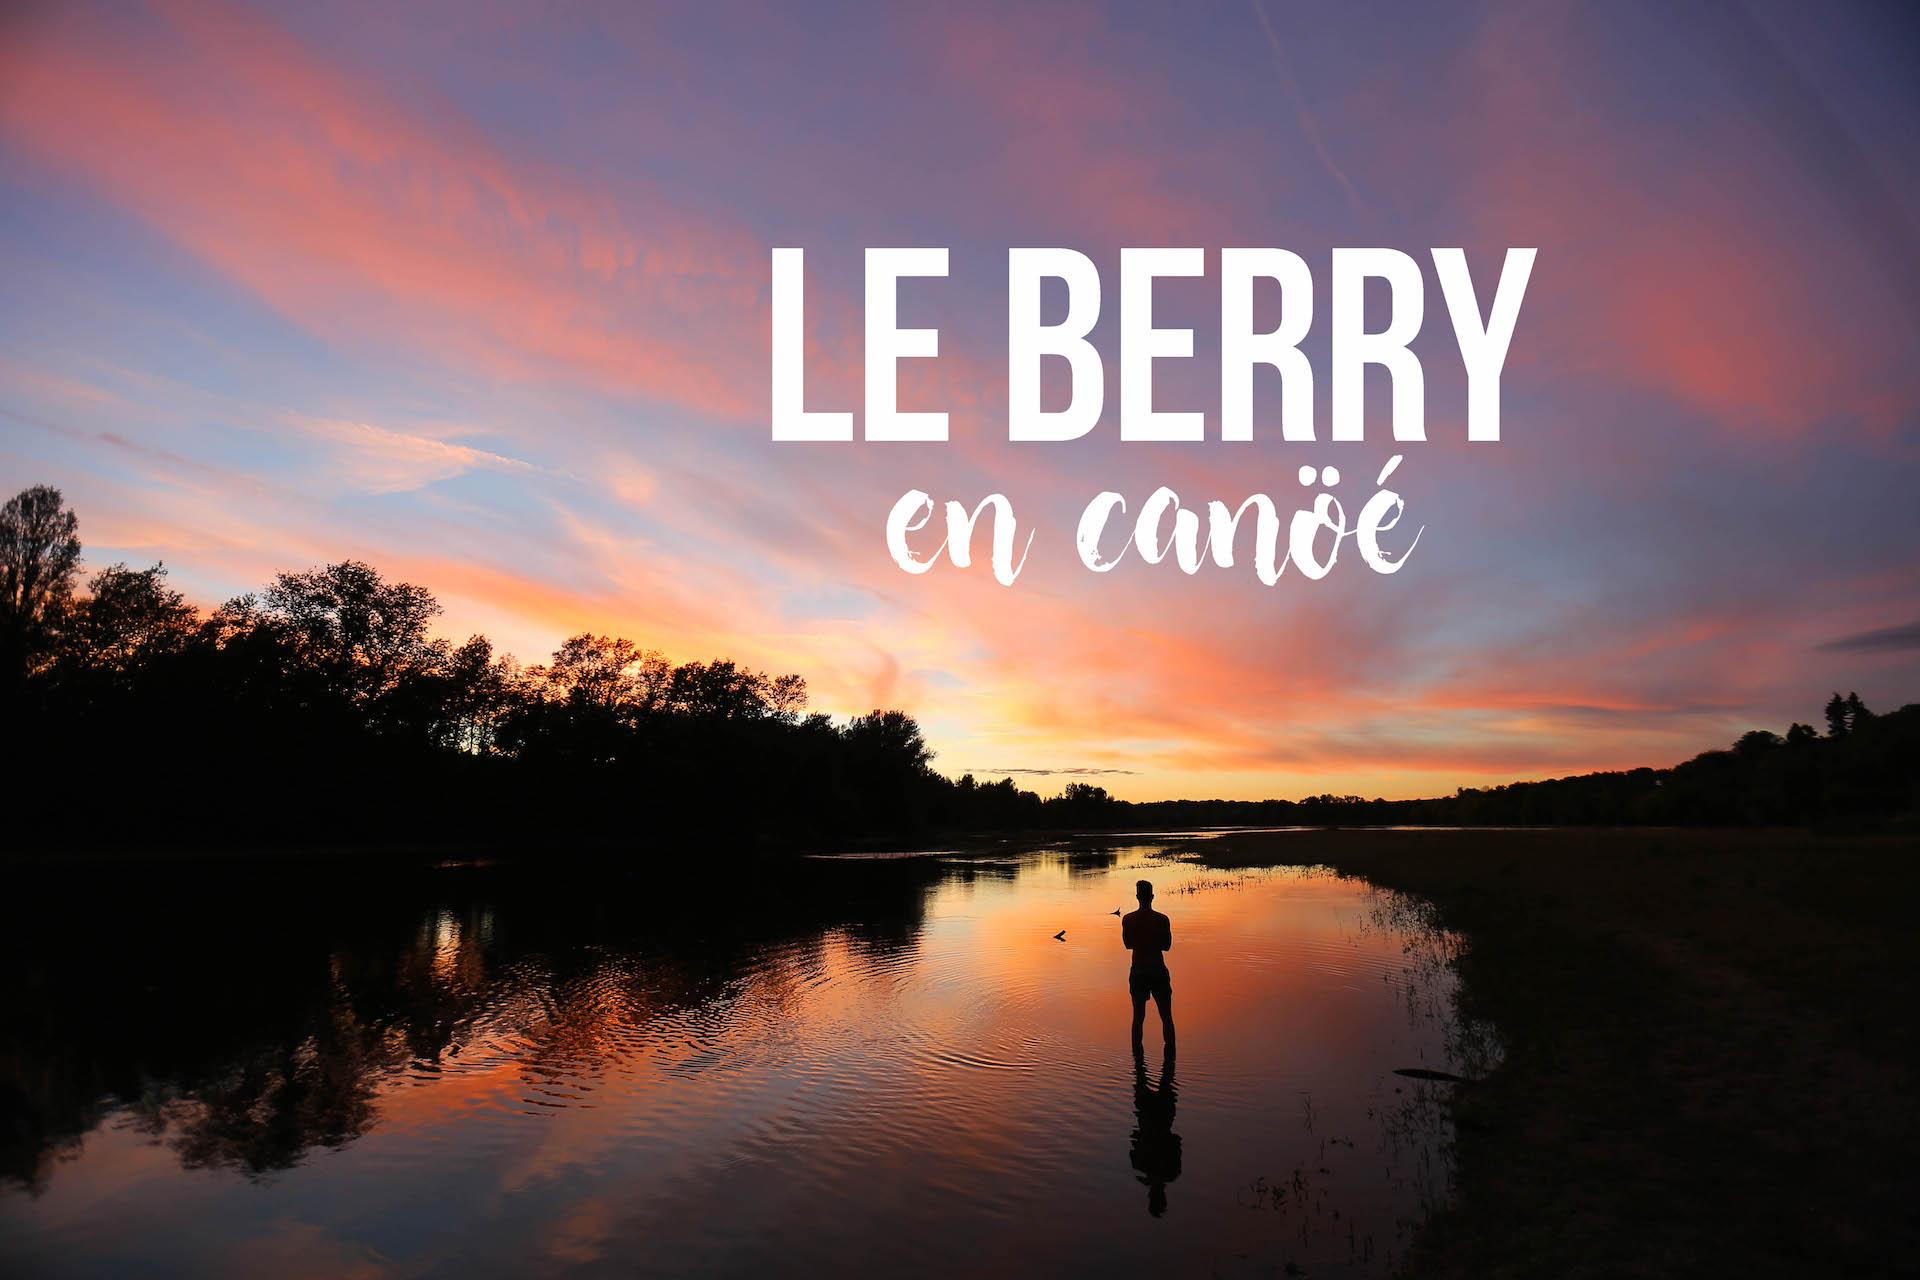 Berry canoe